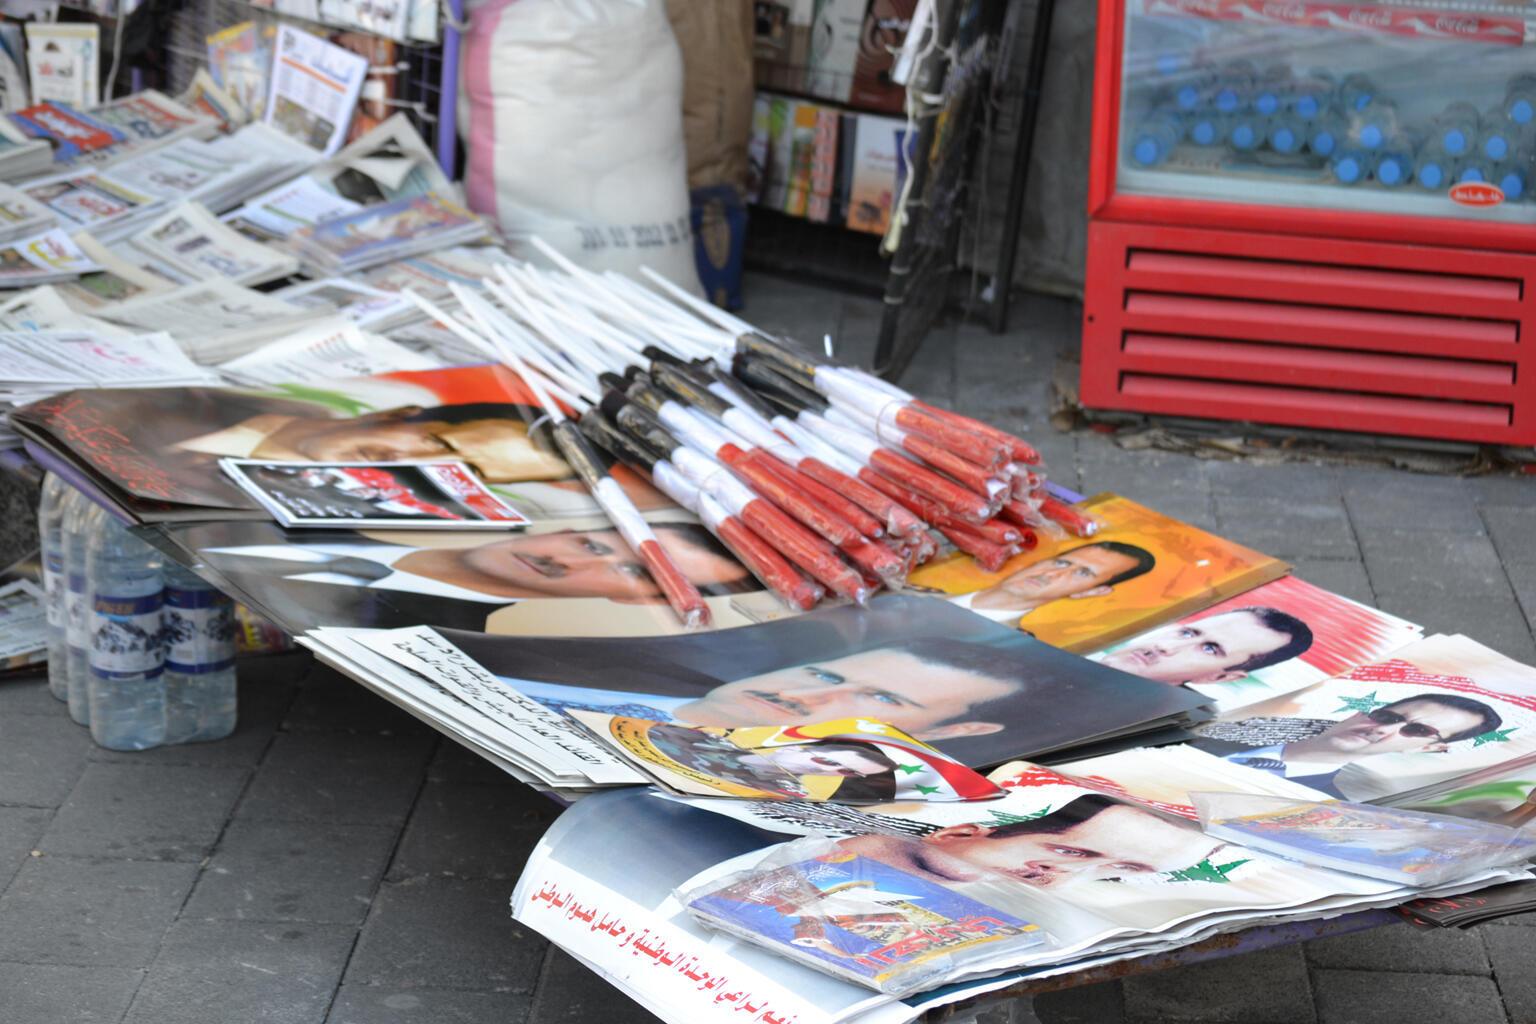 Des bouteilles d'eau, des journaux et différents portraits sont proposés à la vente sur le trottoir d'une rue fréquentée de Damas.